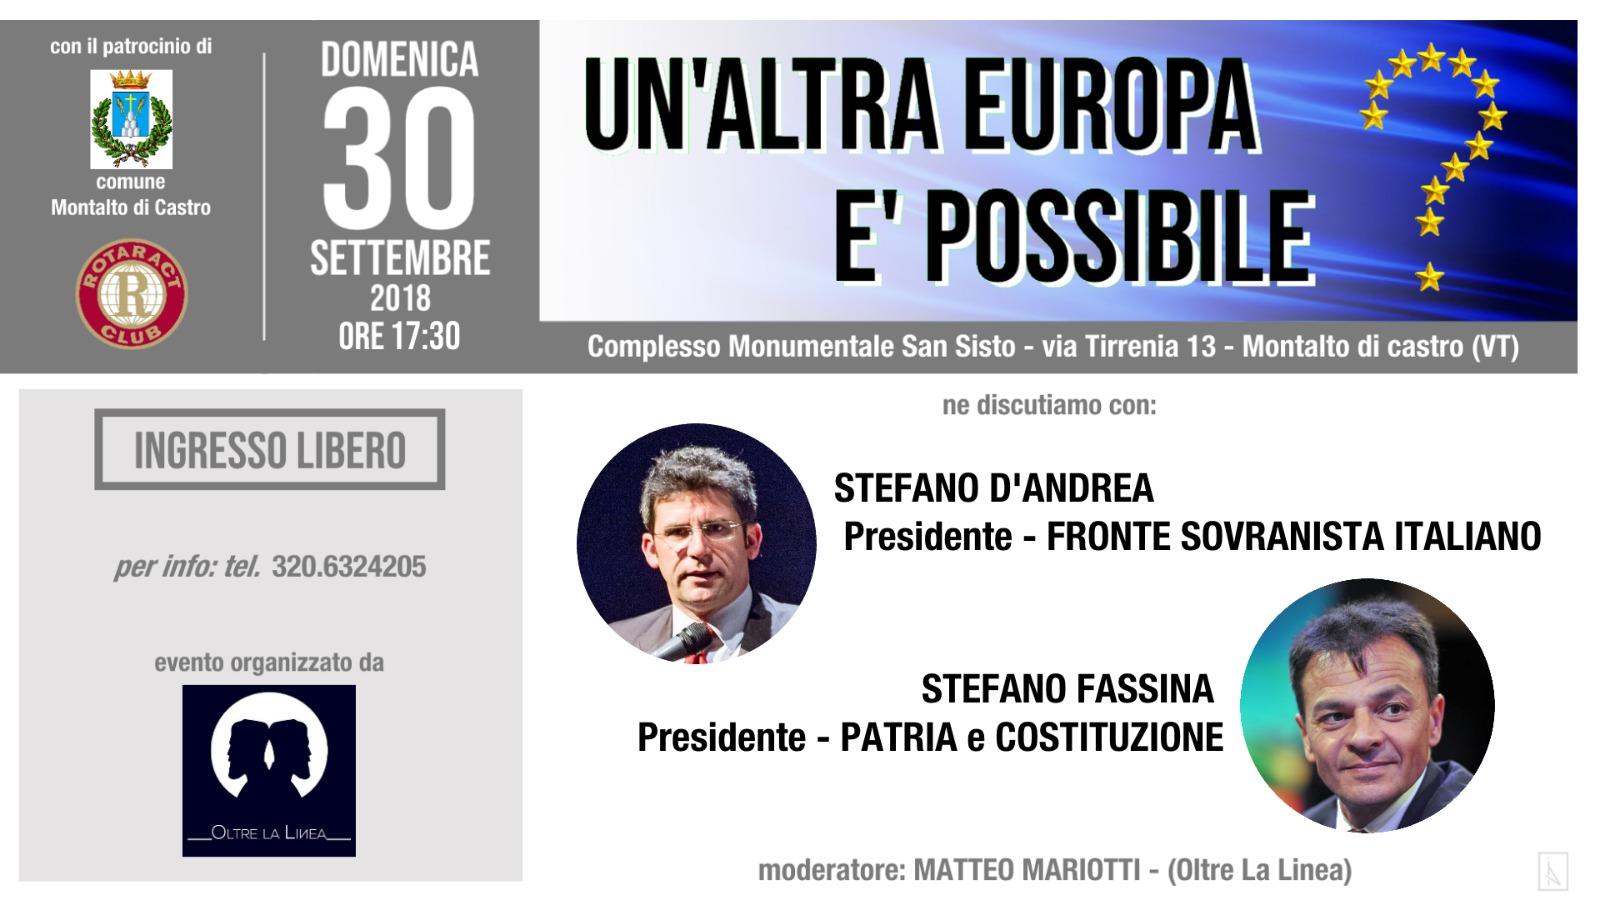 """Incontri: """"Un'altra Europa è possibile?"""", dibattito domenica 30 a Montalto"""